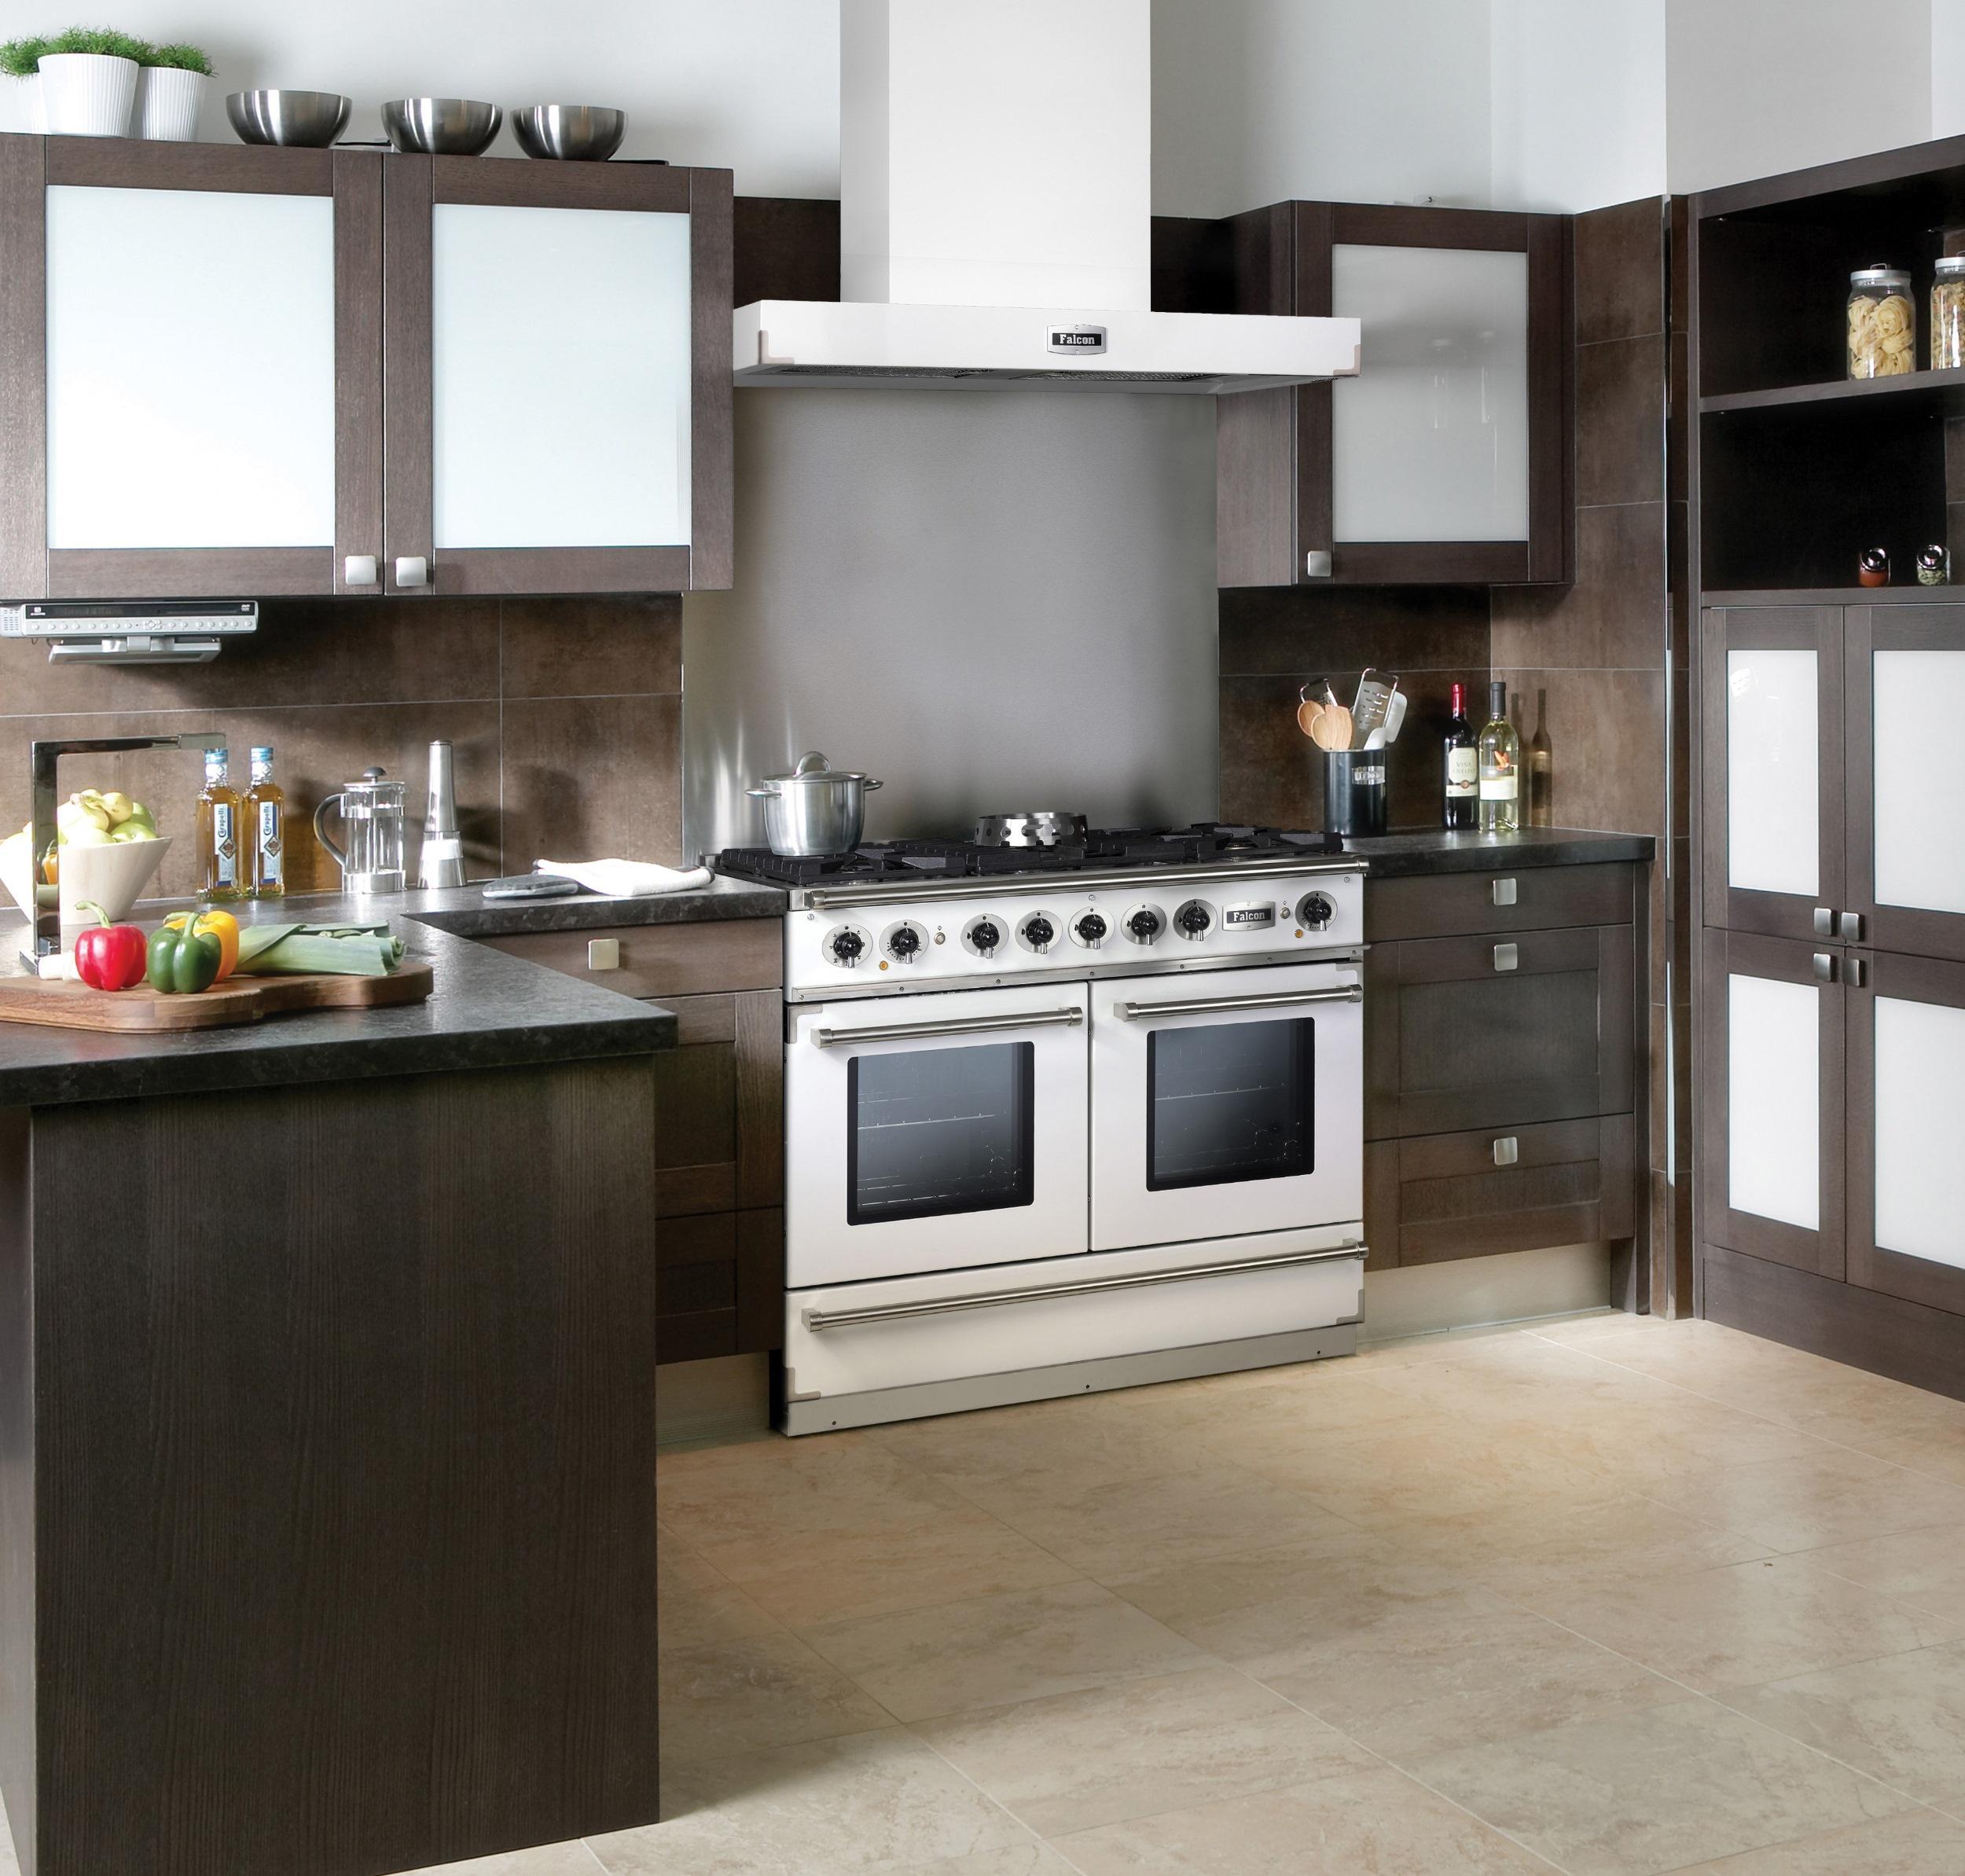 dunstabzugshaube seite 5 bilder ideen couchstyle. Black Bedroom Furniture Sets. Home Design Ideas